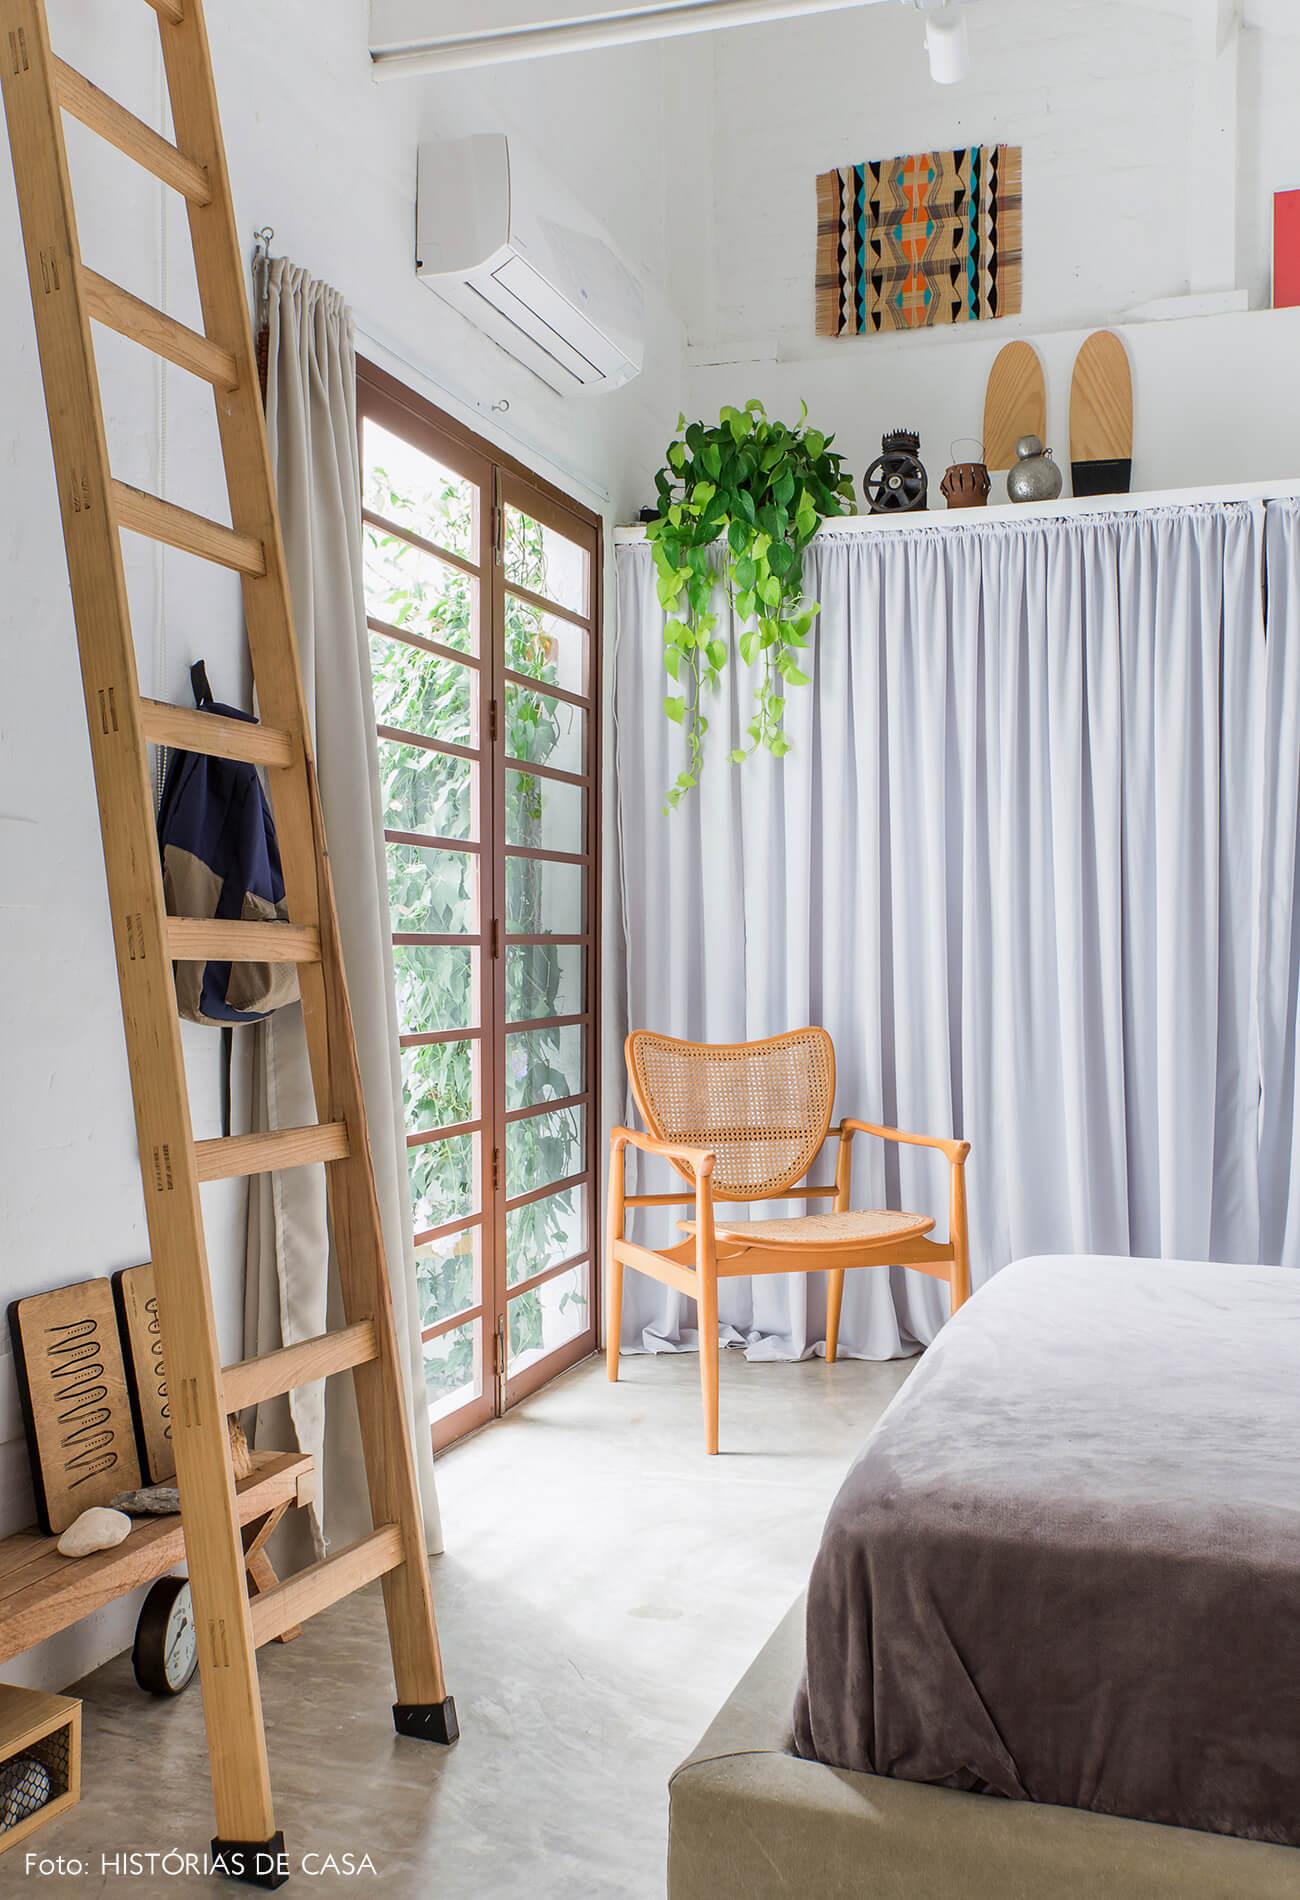 Quarto com varanda e armários com portas de cortina